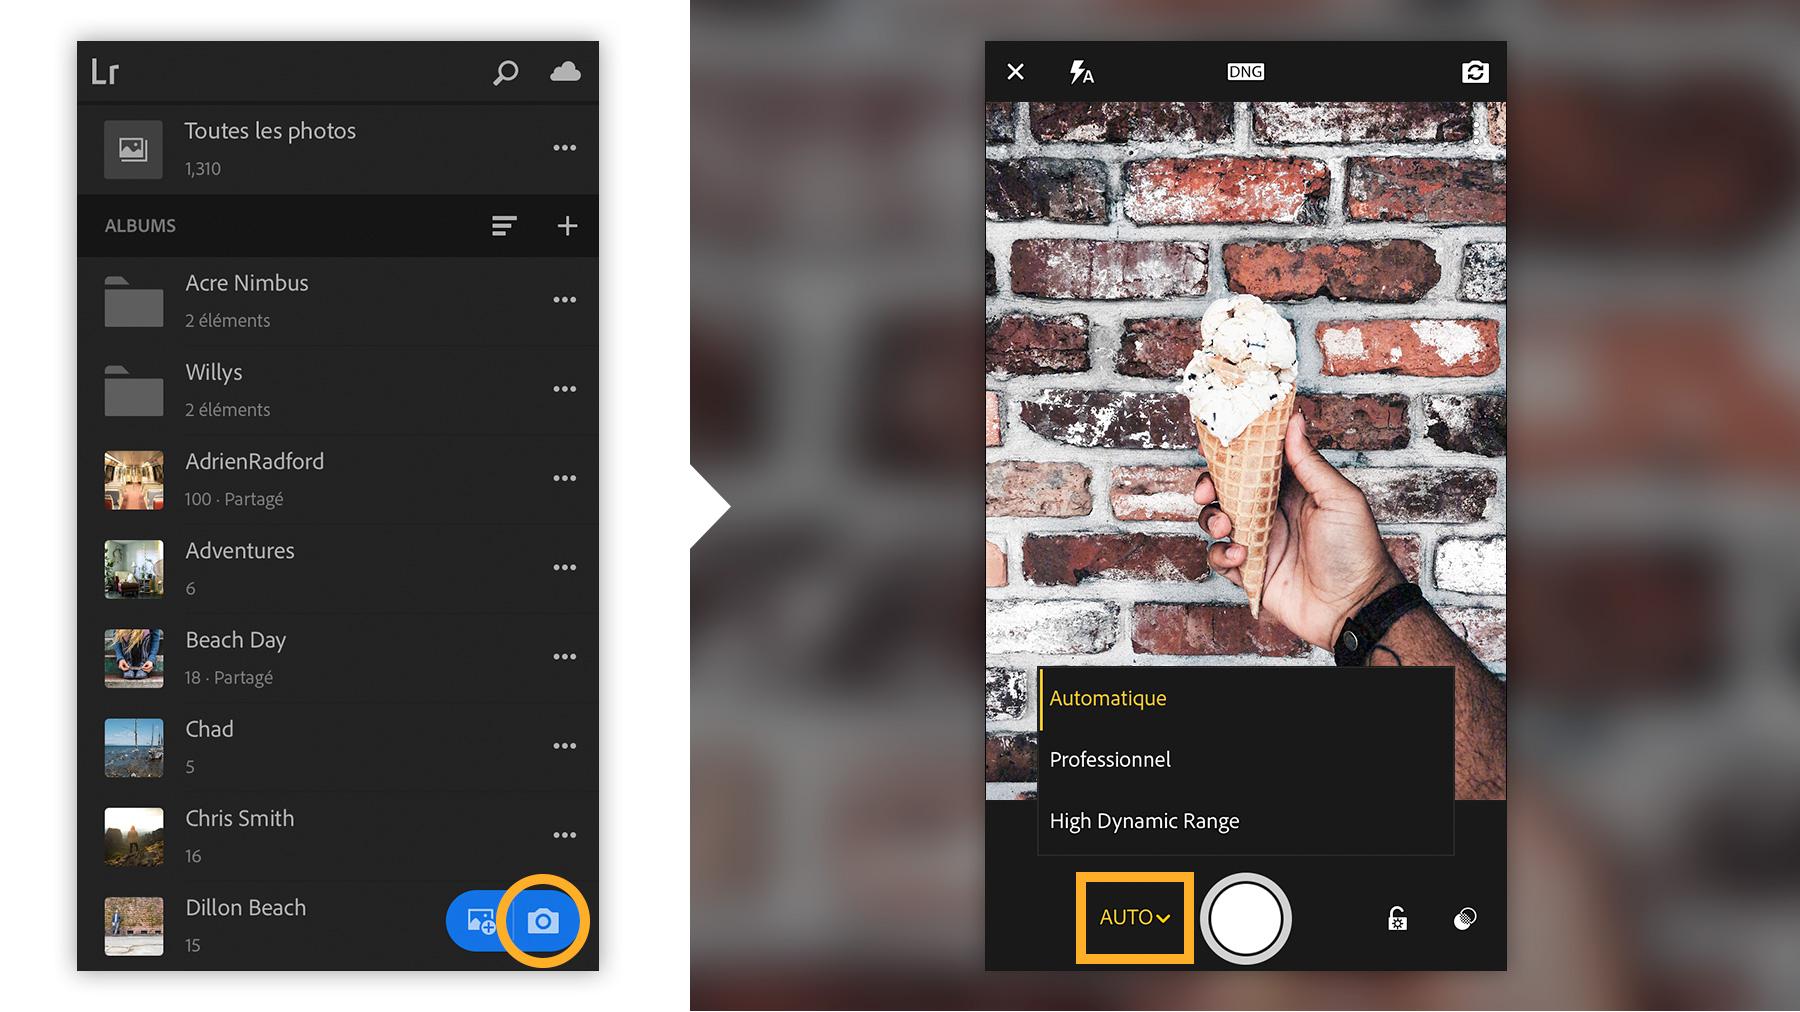 Capture d'une photo avec l'appareil intégré à l'application